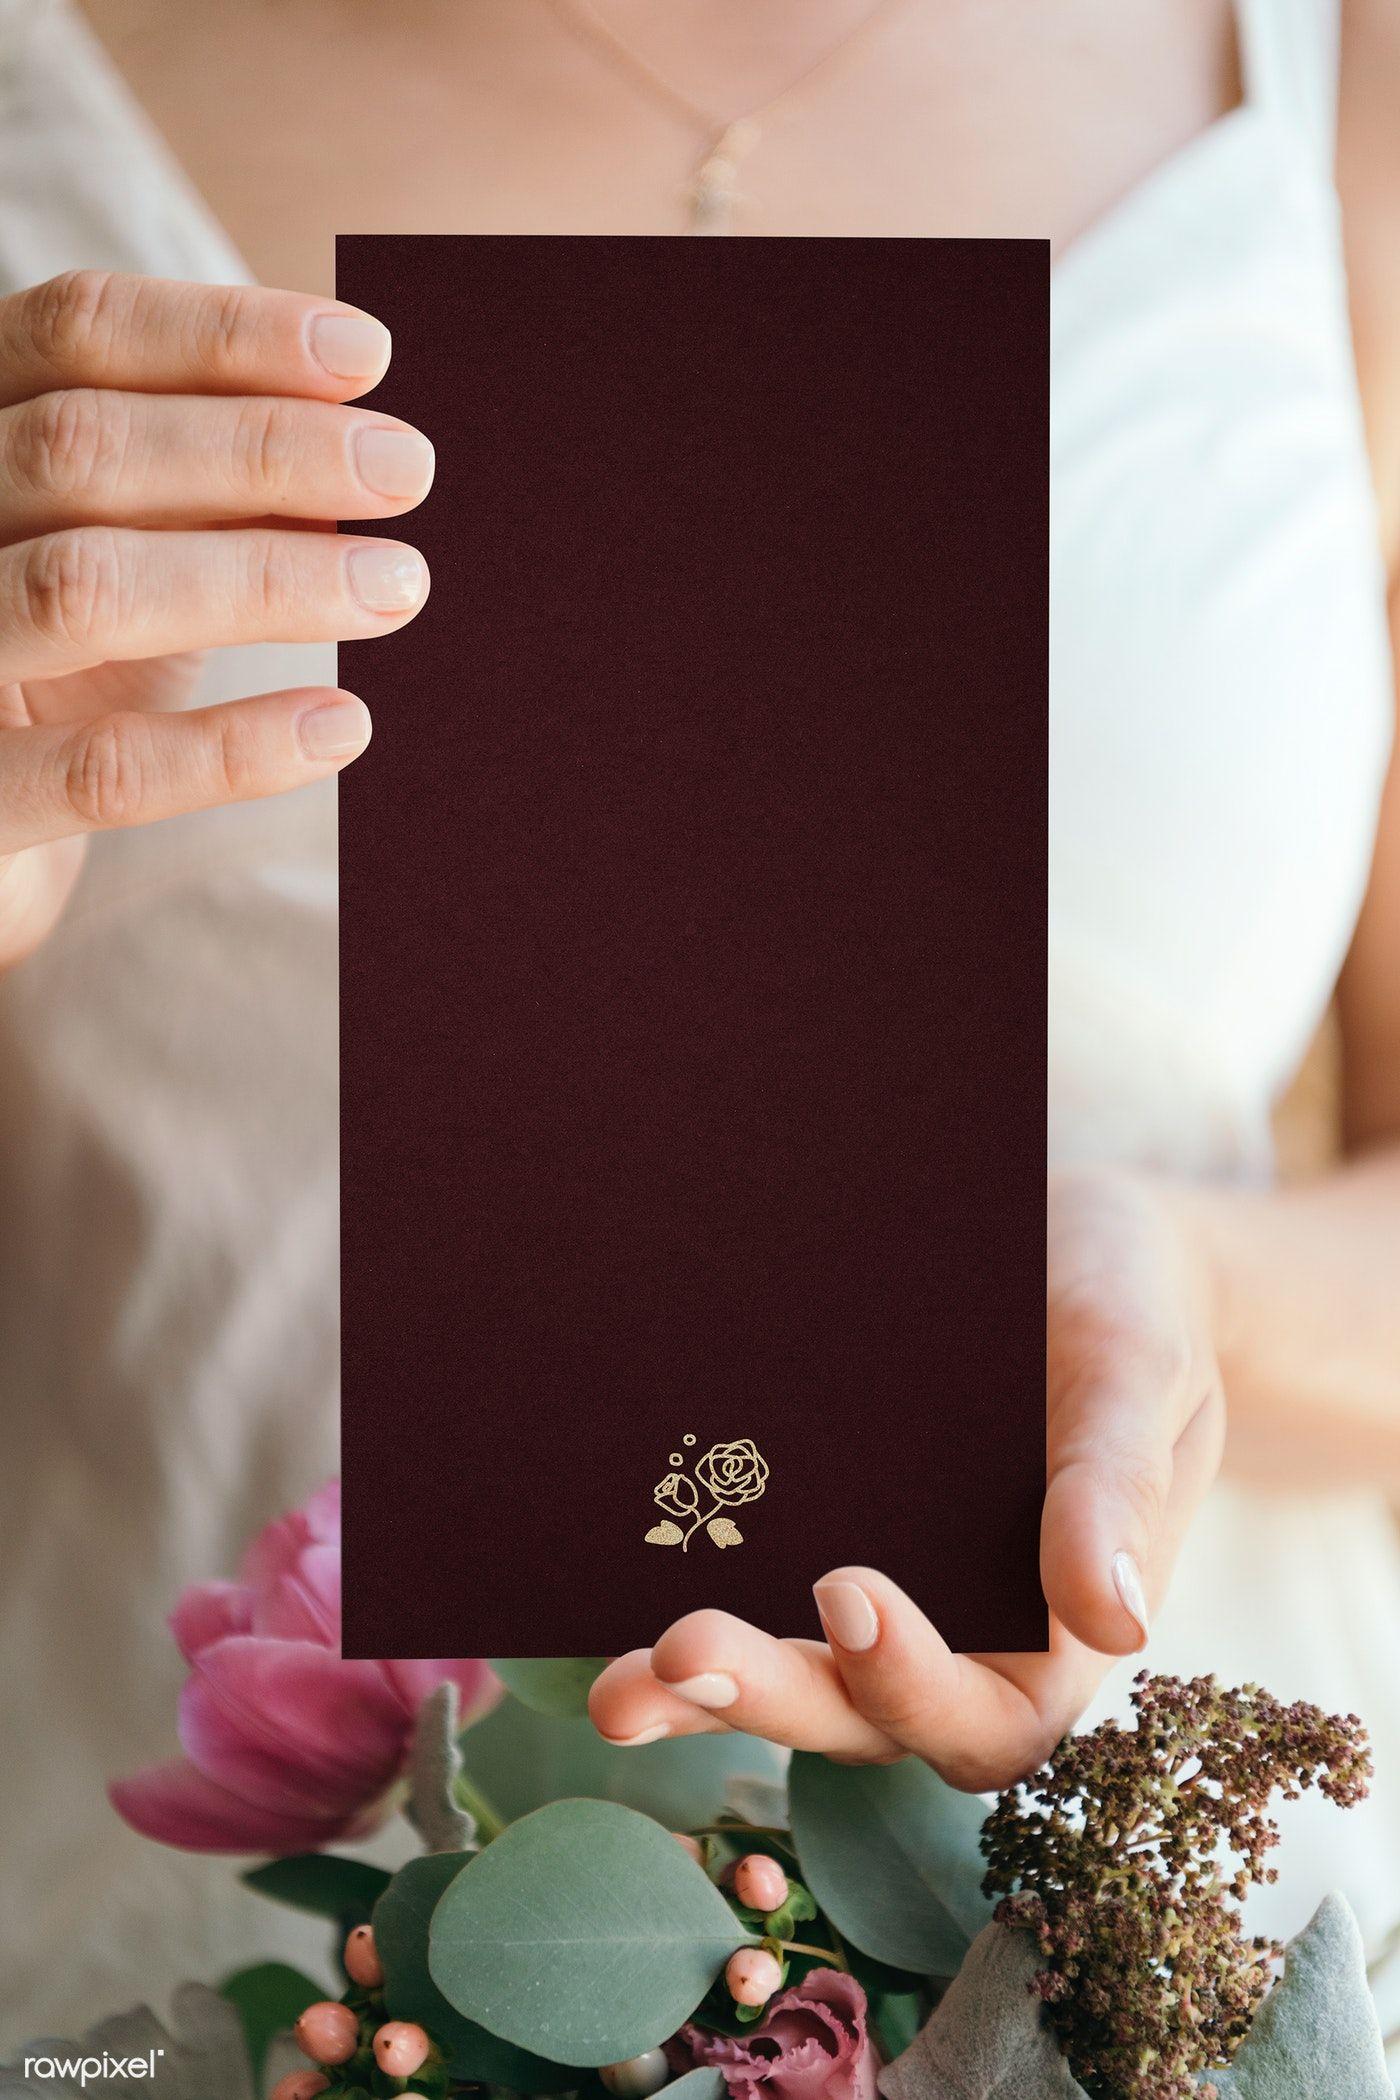 Download Premium Psd Of Bride Holding A Blank Black Banner Mockup 1209961 Black Banner Floral Cards Design Wedding Logo Design